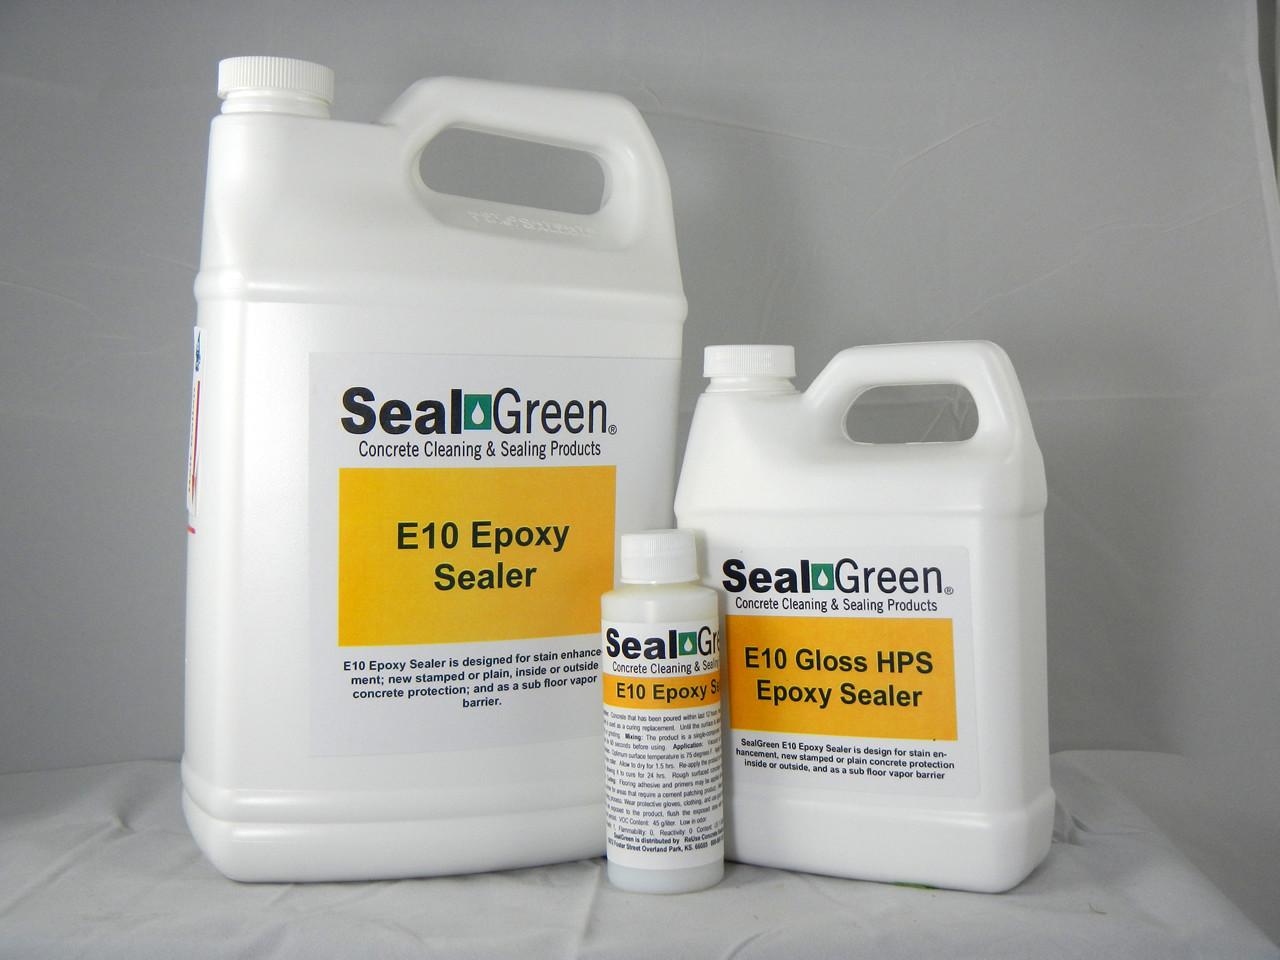 SealGreen E10 Epoxy Sealer and Vapor Barrier